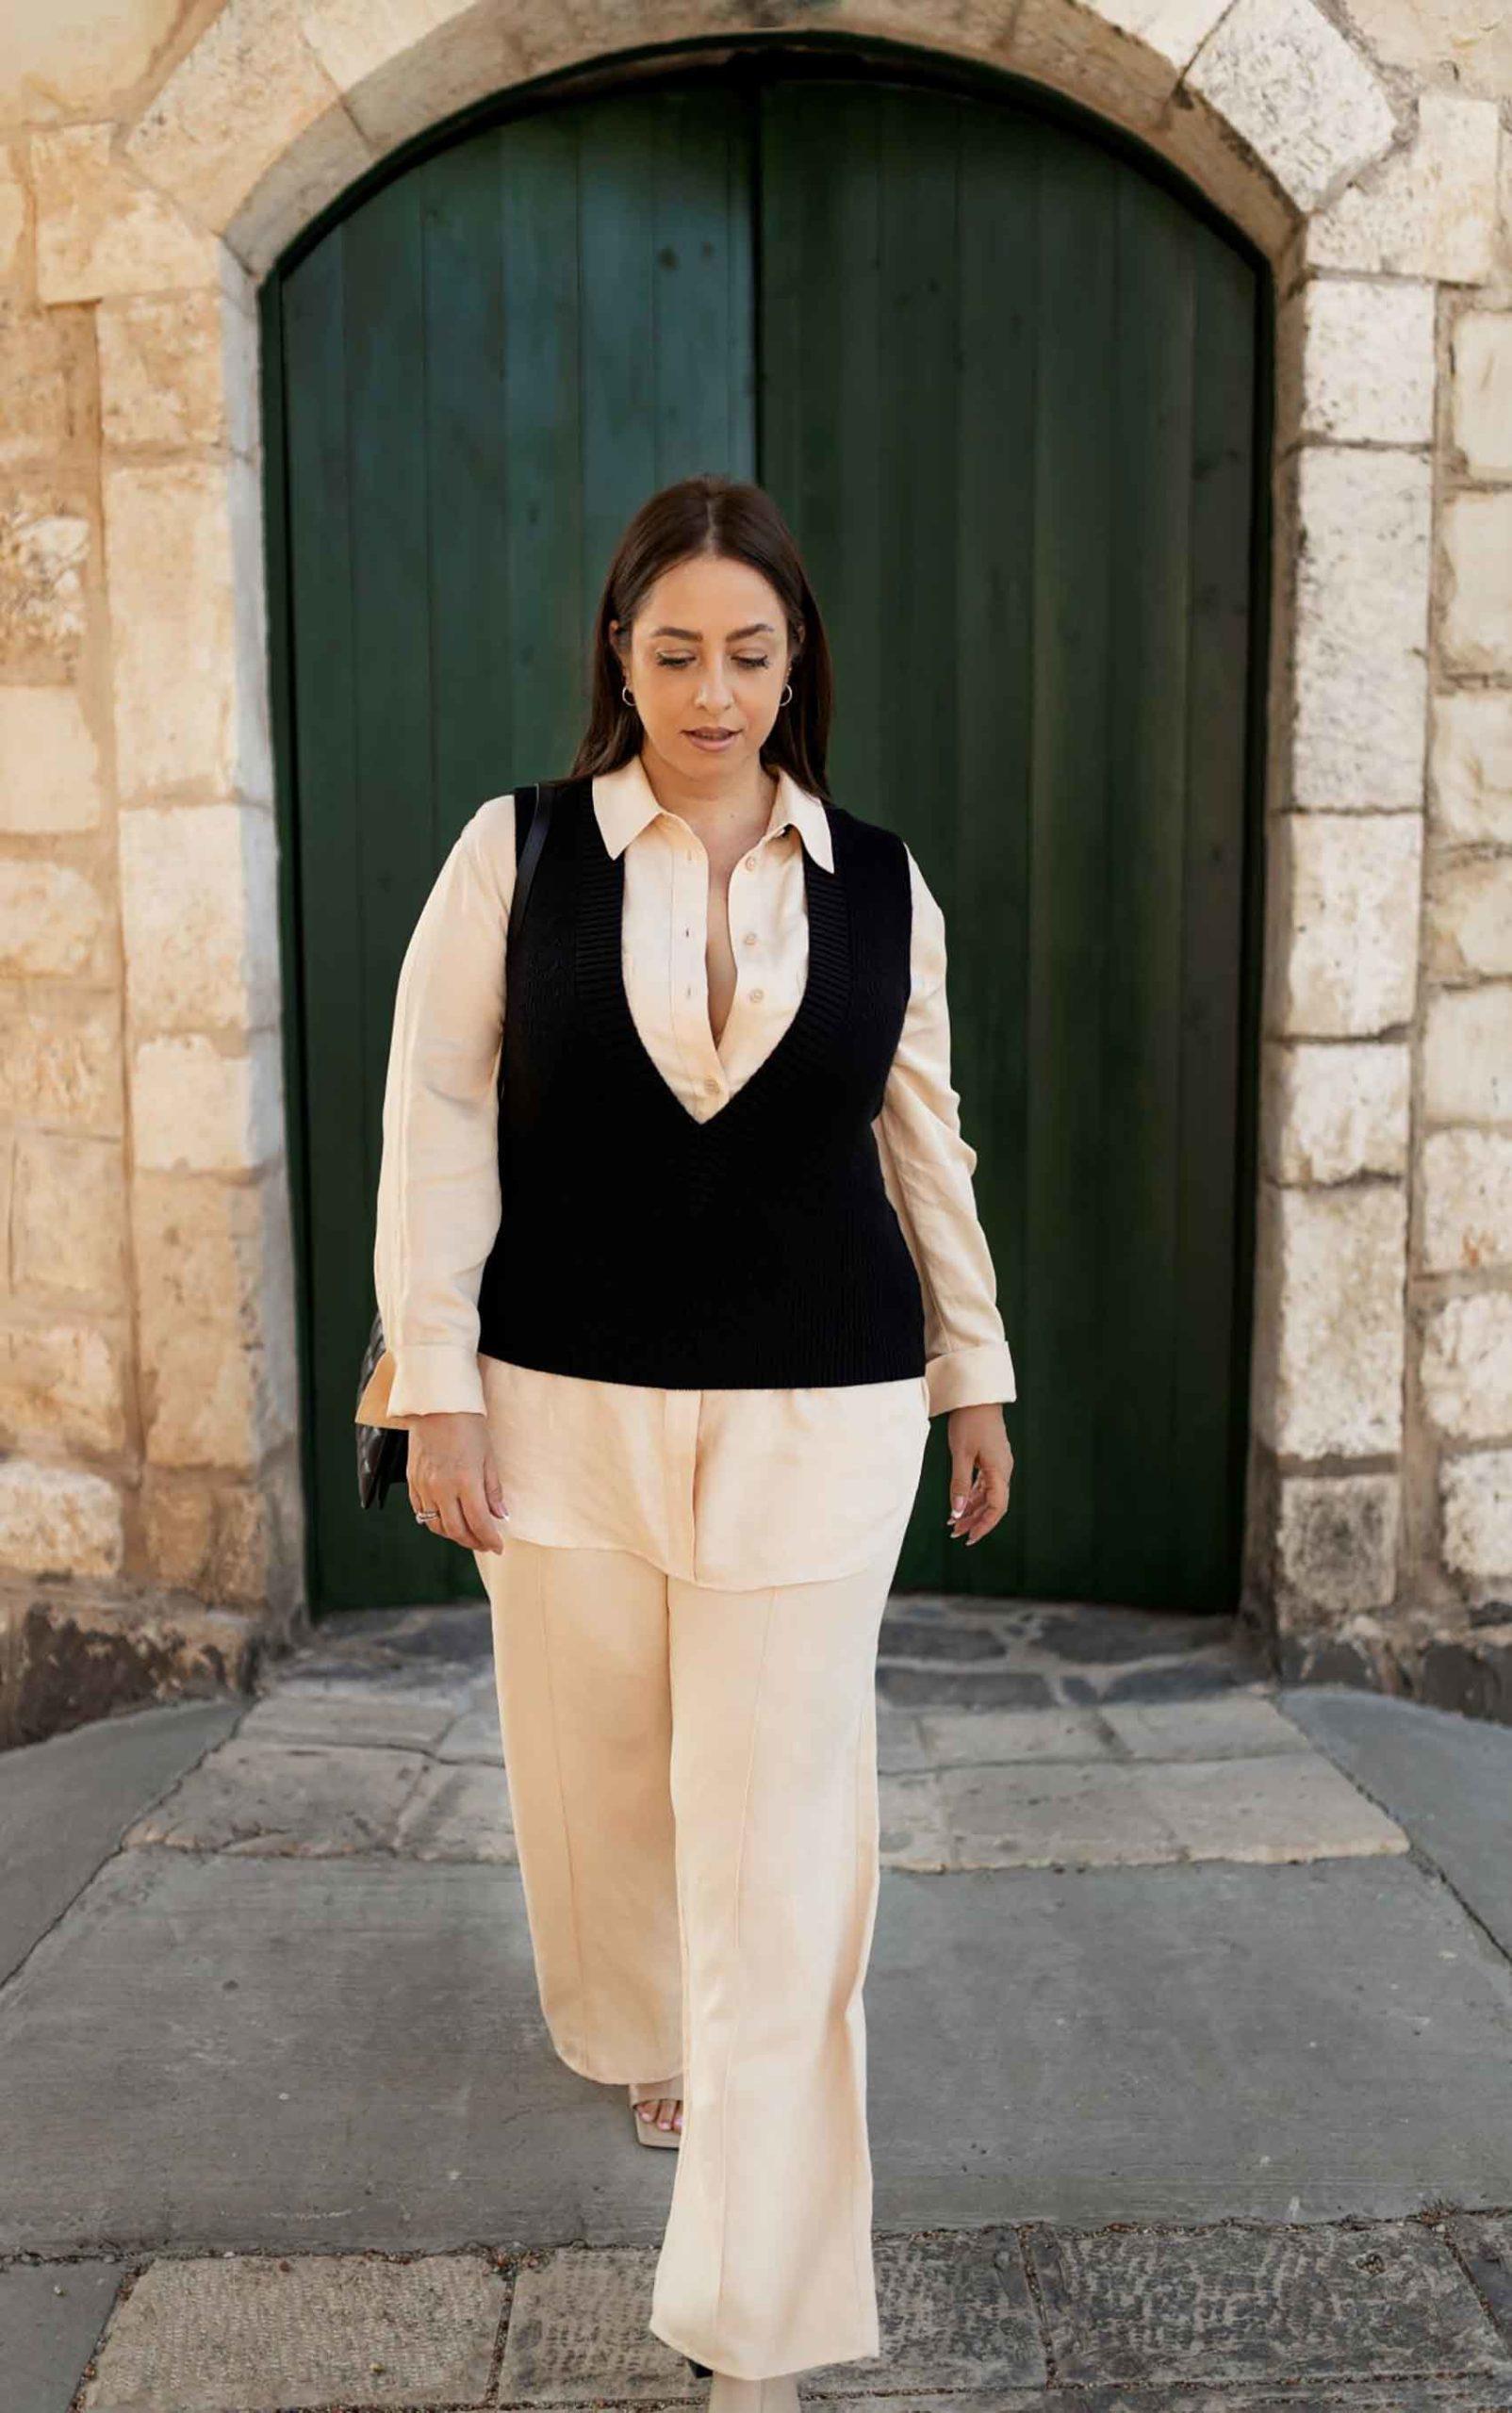 היום הראשון. טלי ארבל ל H&M ישראל, צילום: אירה גרמיצקיך אפודת סריג בגזרה קרובה לגוף מעל חליפת אוברסייז, ו- voilà! קלאס במעט מאמץ.-1